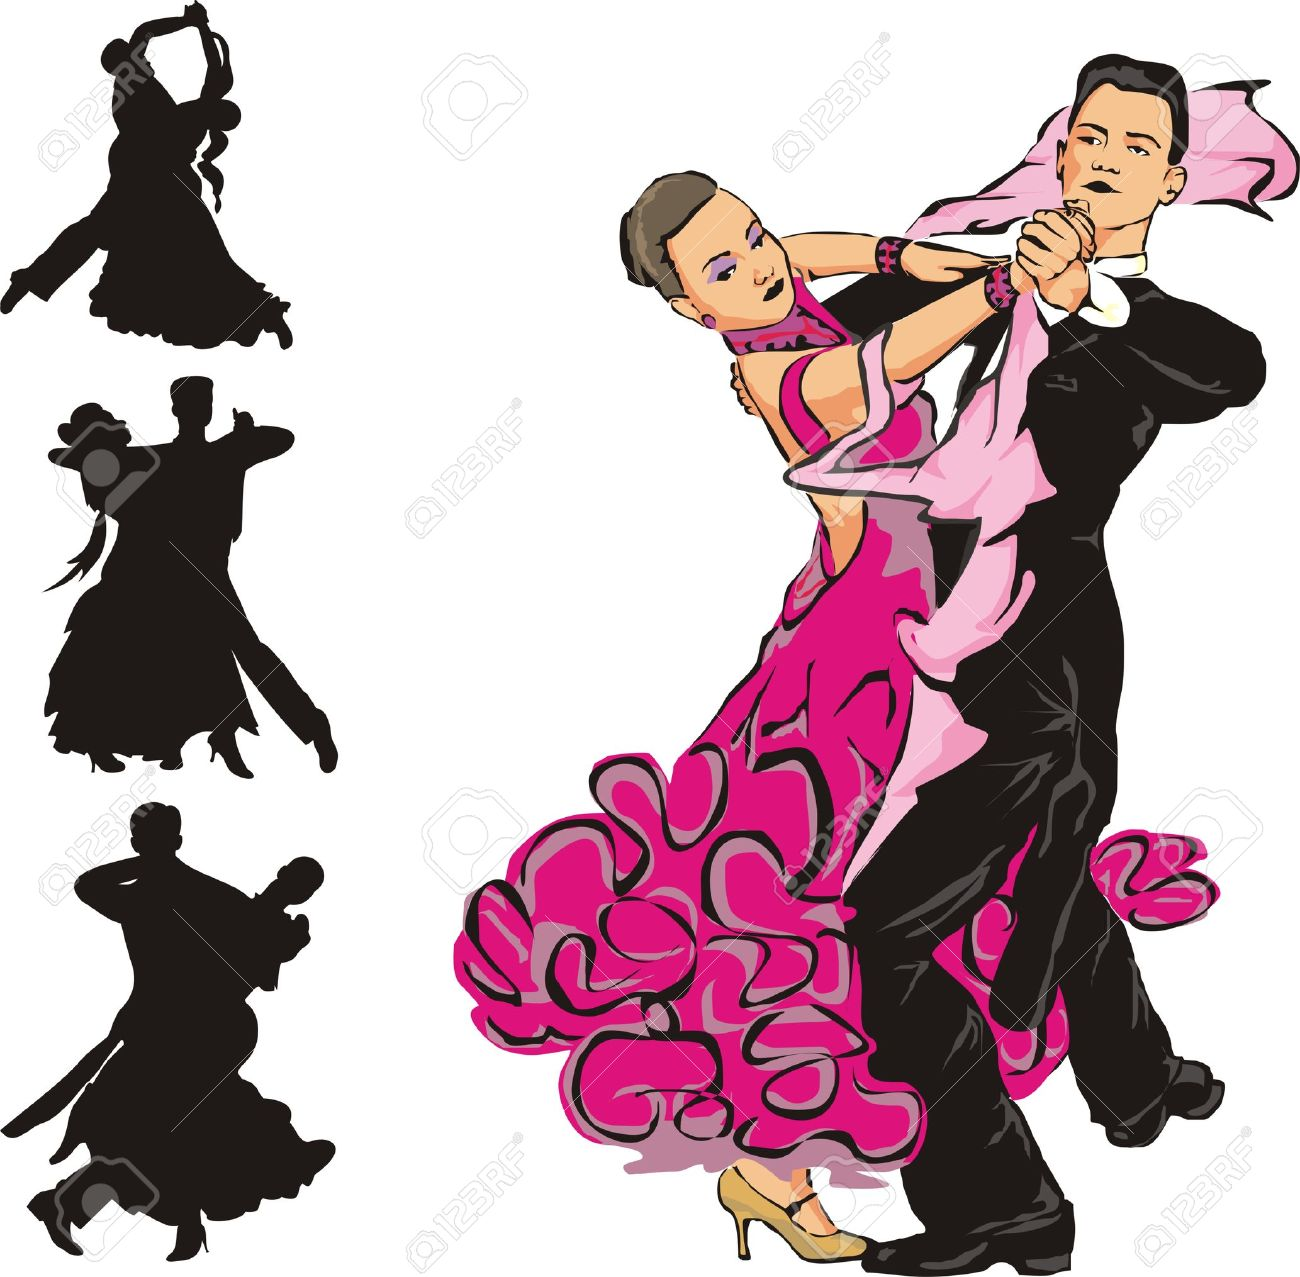 社交ダンスのイラスト素材ベクタ Image 8524805